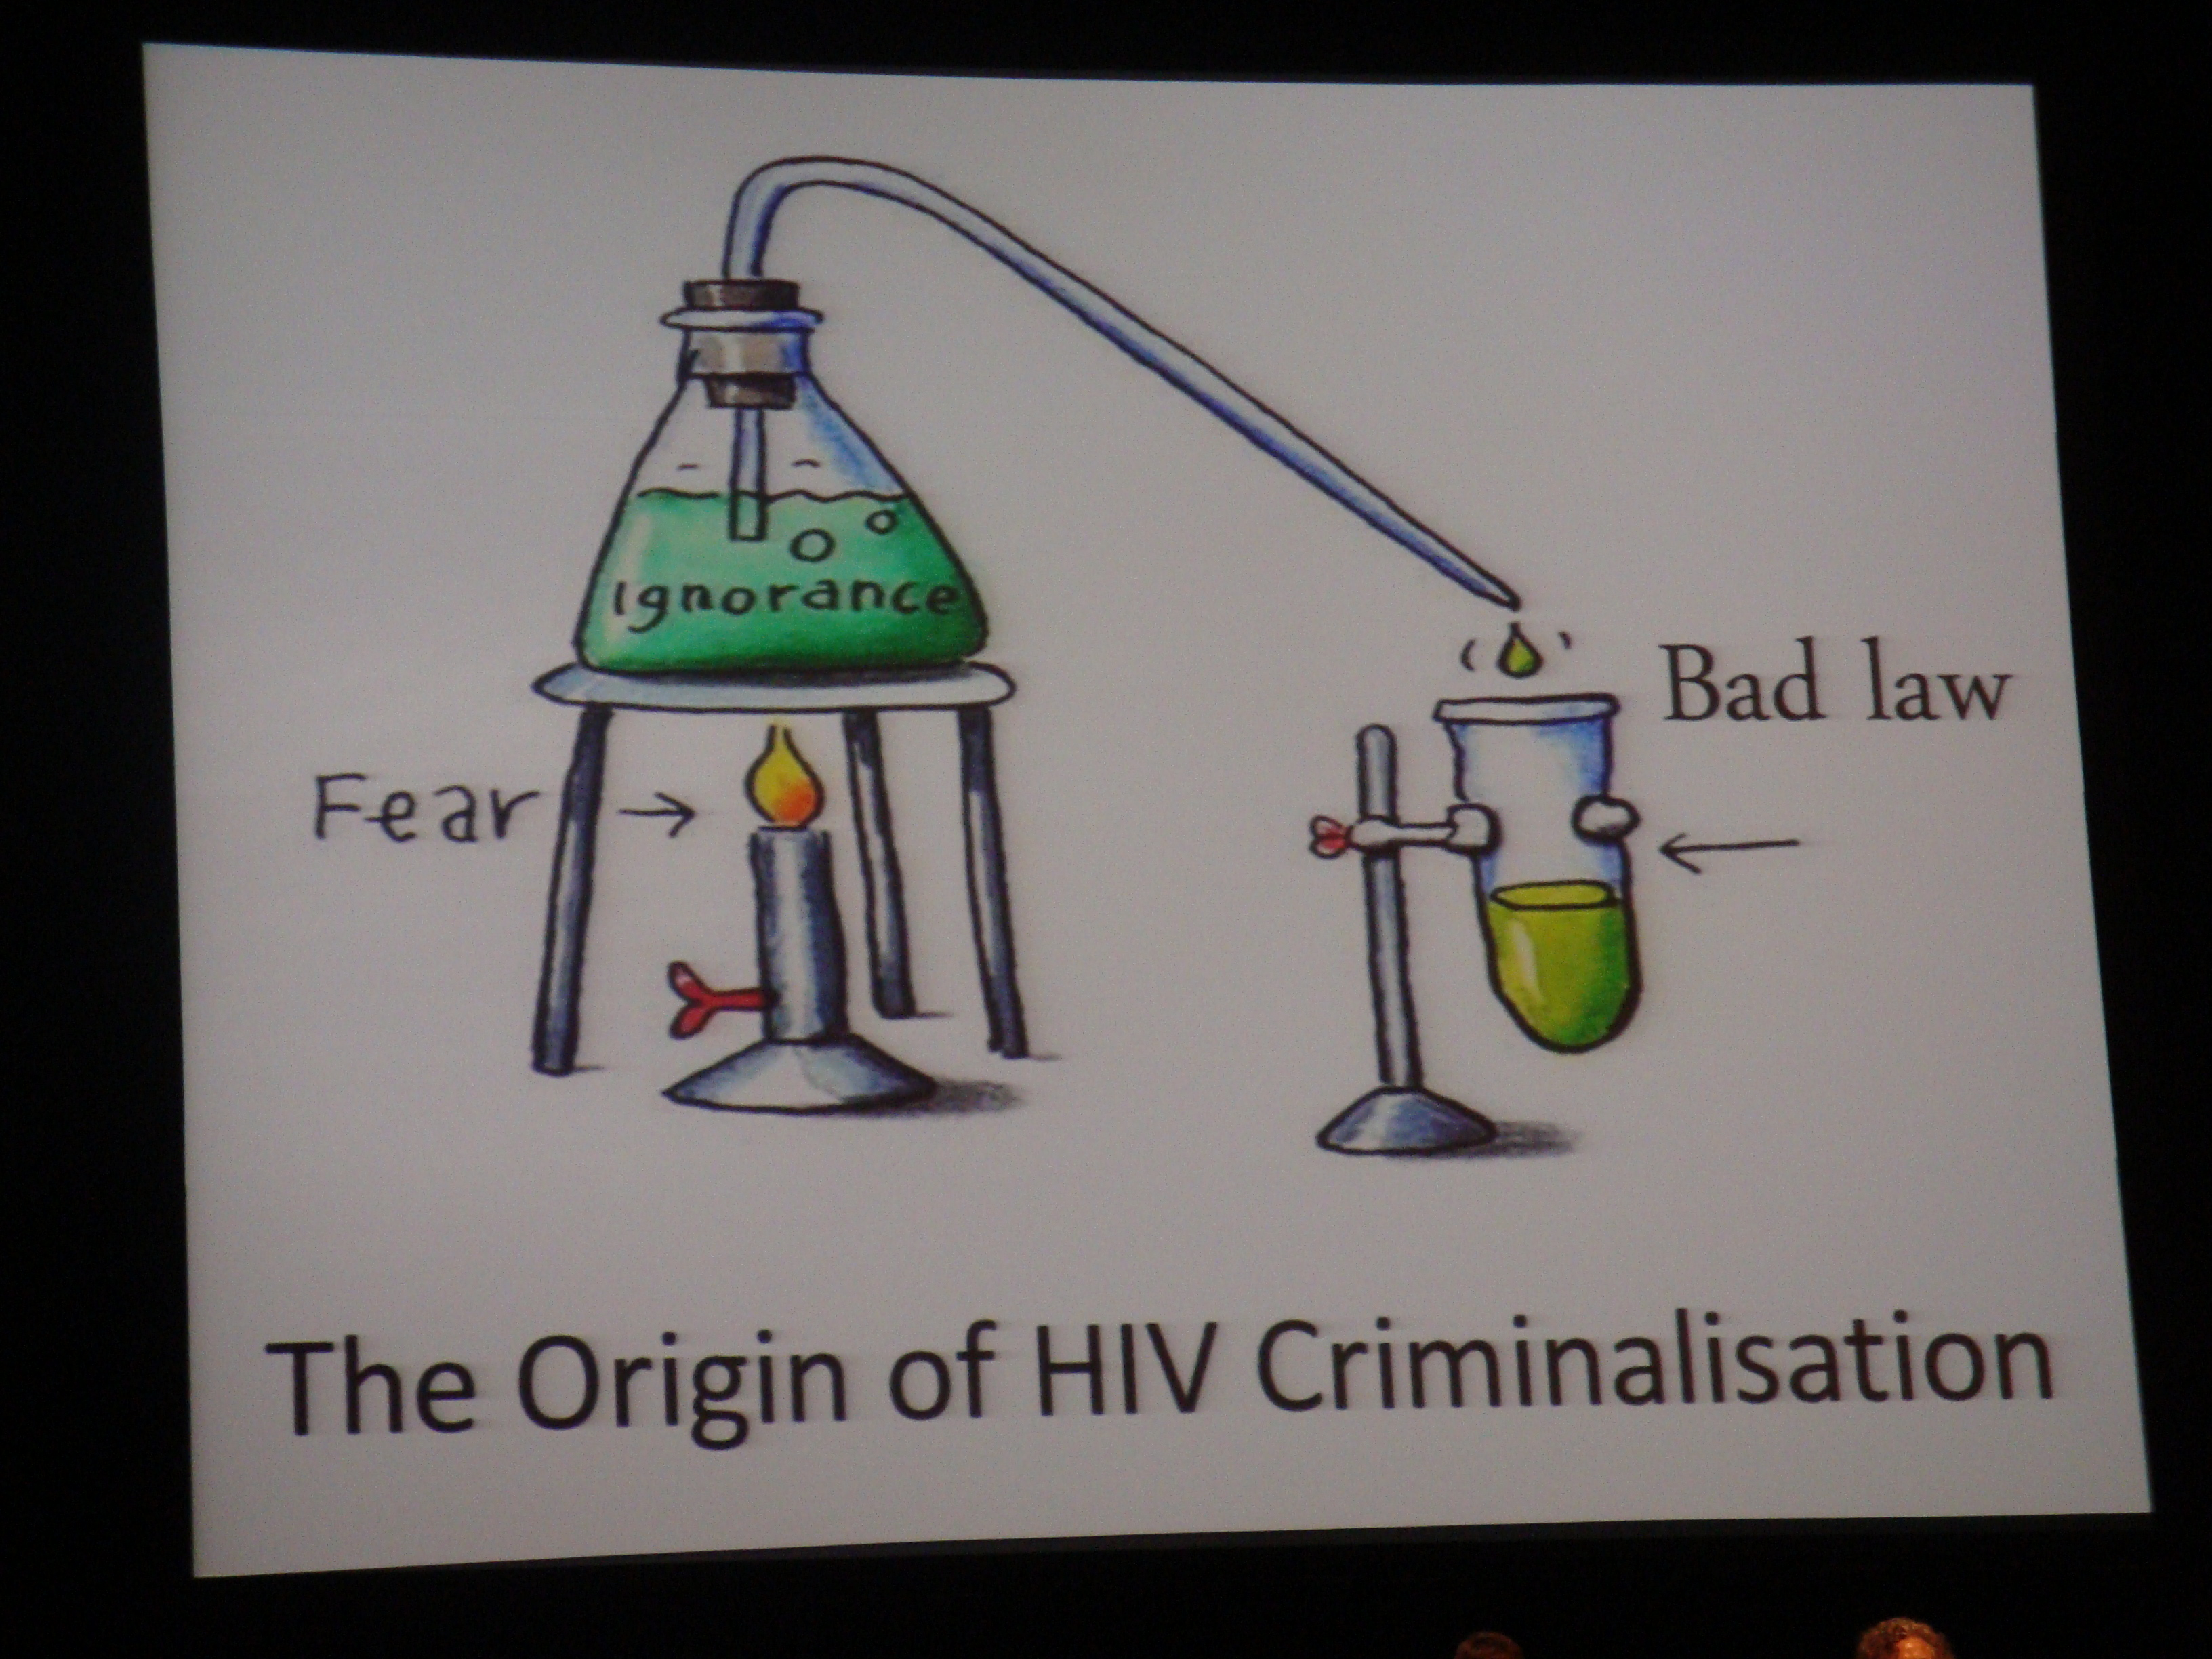 Bad criminal laws...